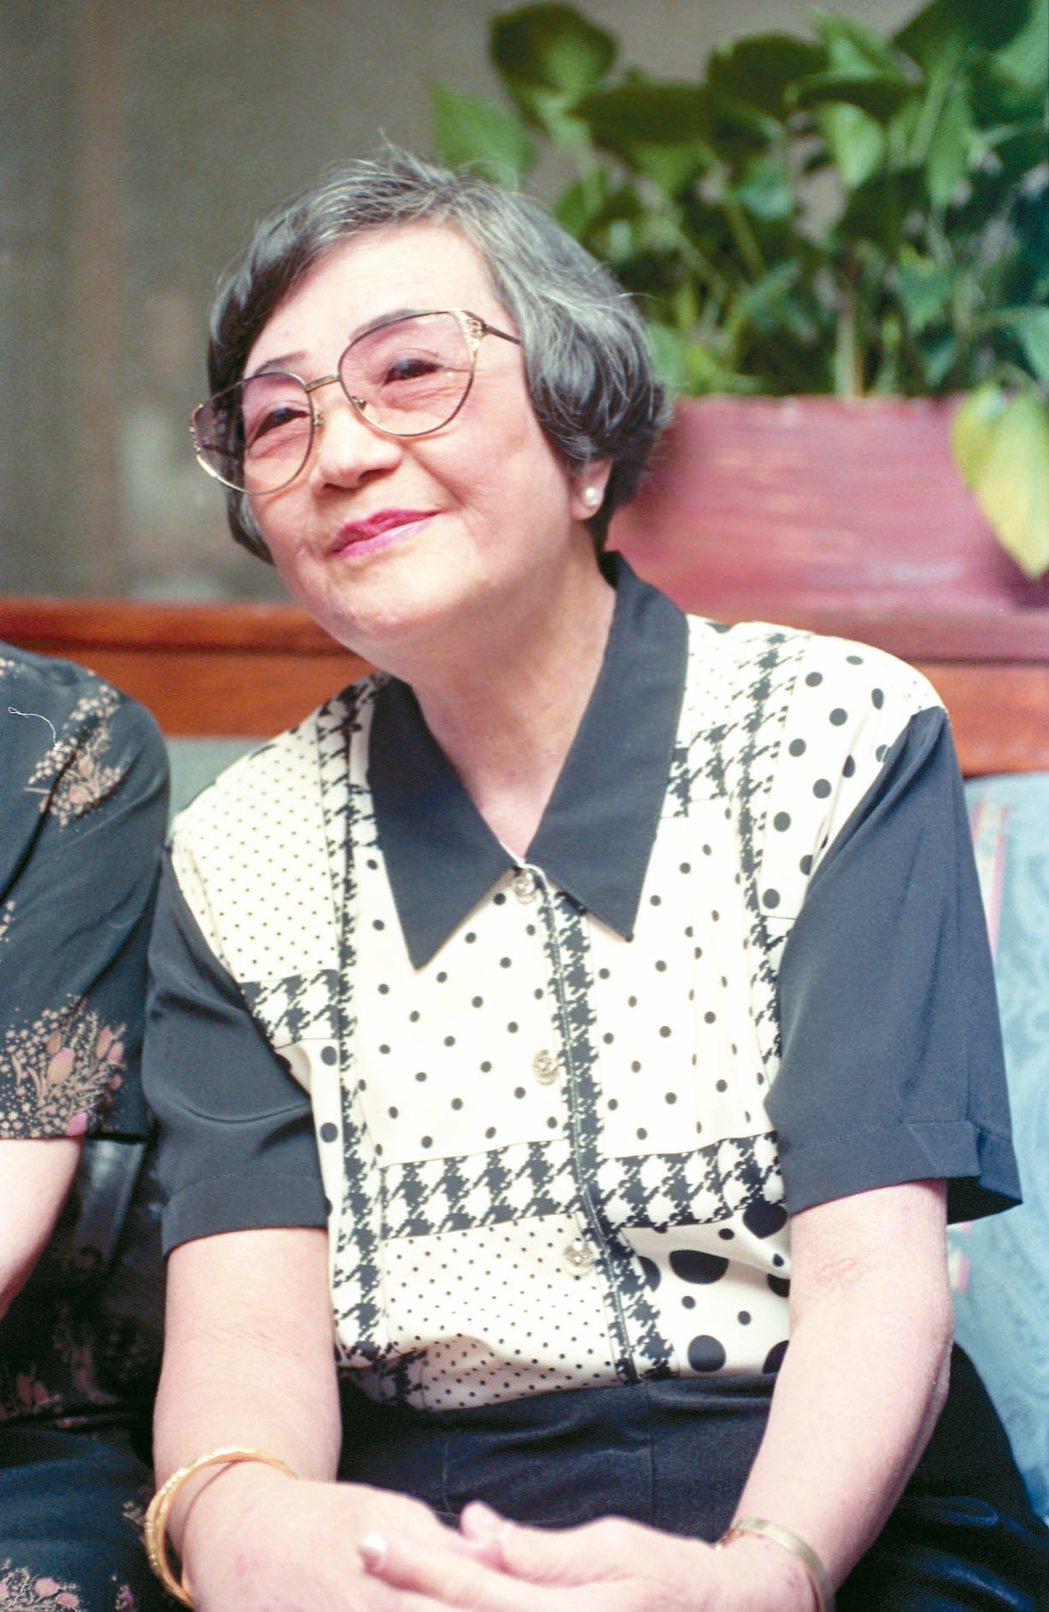 姚莉的「玫瑰玫瑰我愛你」是第一首打入美國音樂流行榜的華人歌曲。 圖/聯合報系資料...